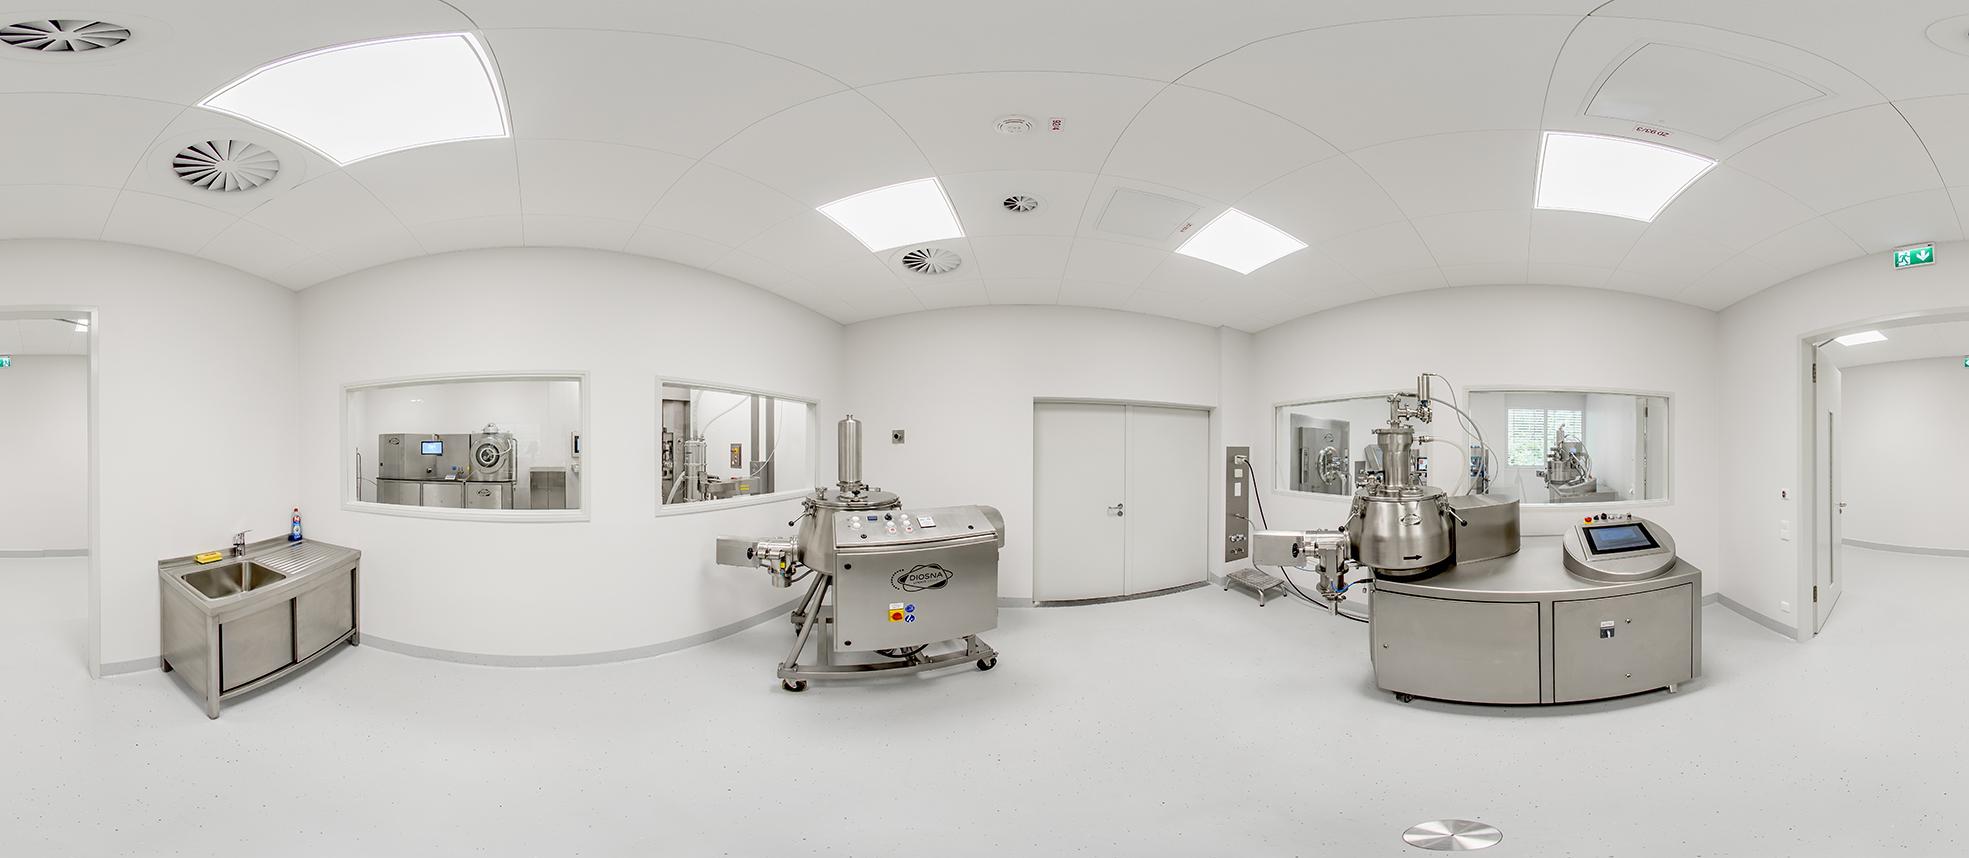 Panoramabild Diosna ProcessLab – Mischer-Labor mit Unviersalmischer V100 und High Shear Granulator P60 (Reihe P/VAC 10-60), Tablettenpresse (Natoli), Tablettencoater HDC 50